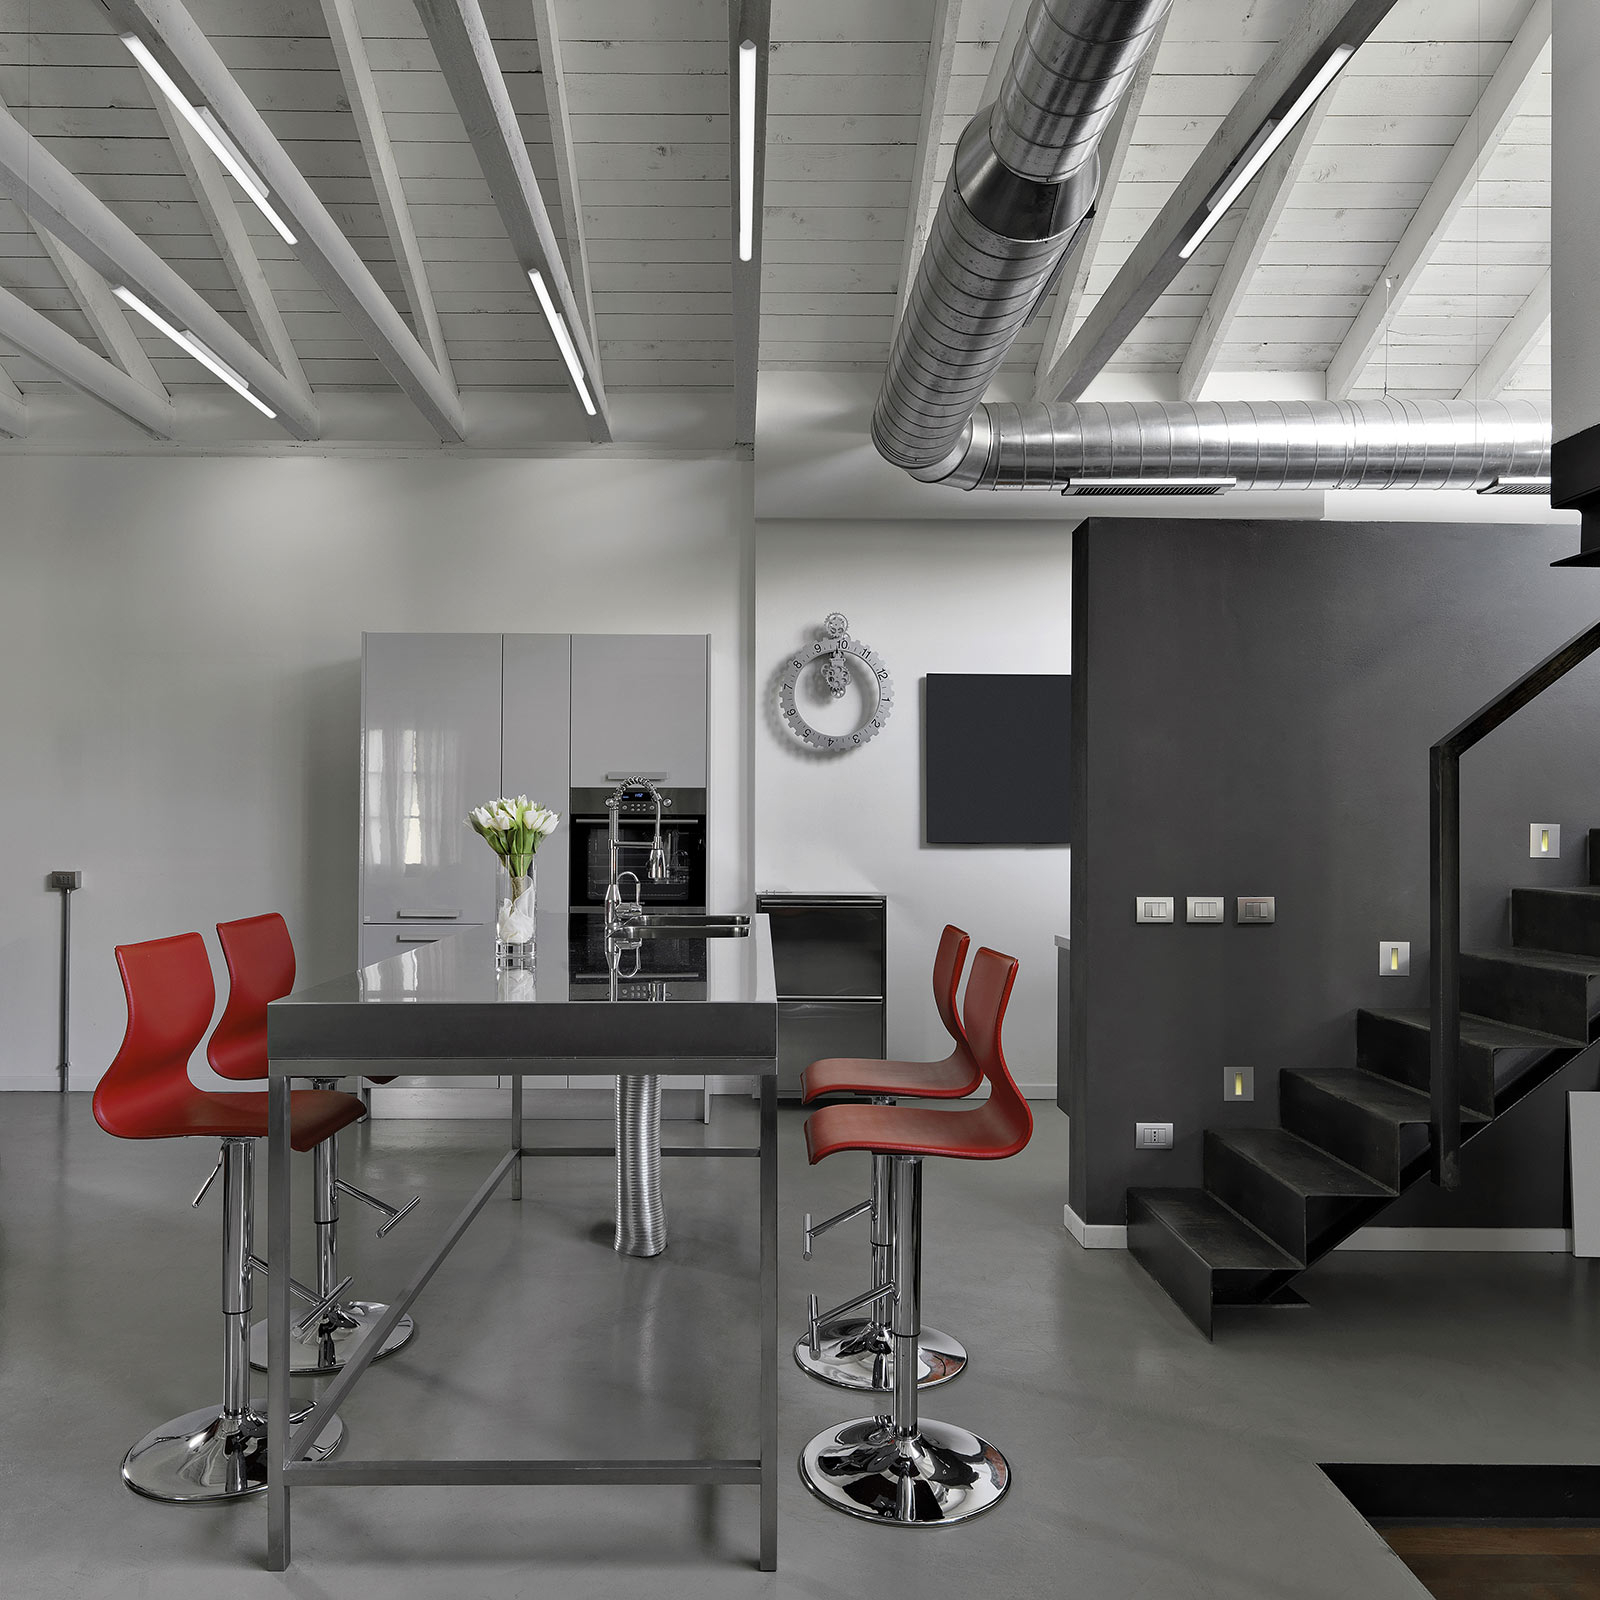 LED-Deckenleuchte Sami Soffito, Länge 200 cm